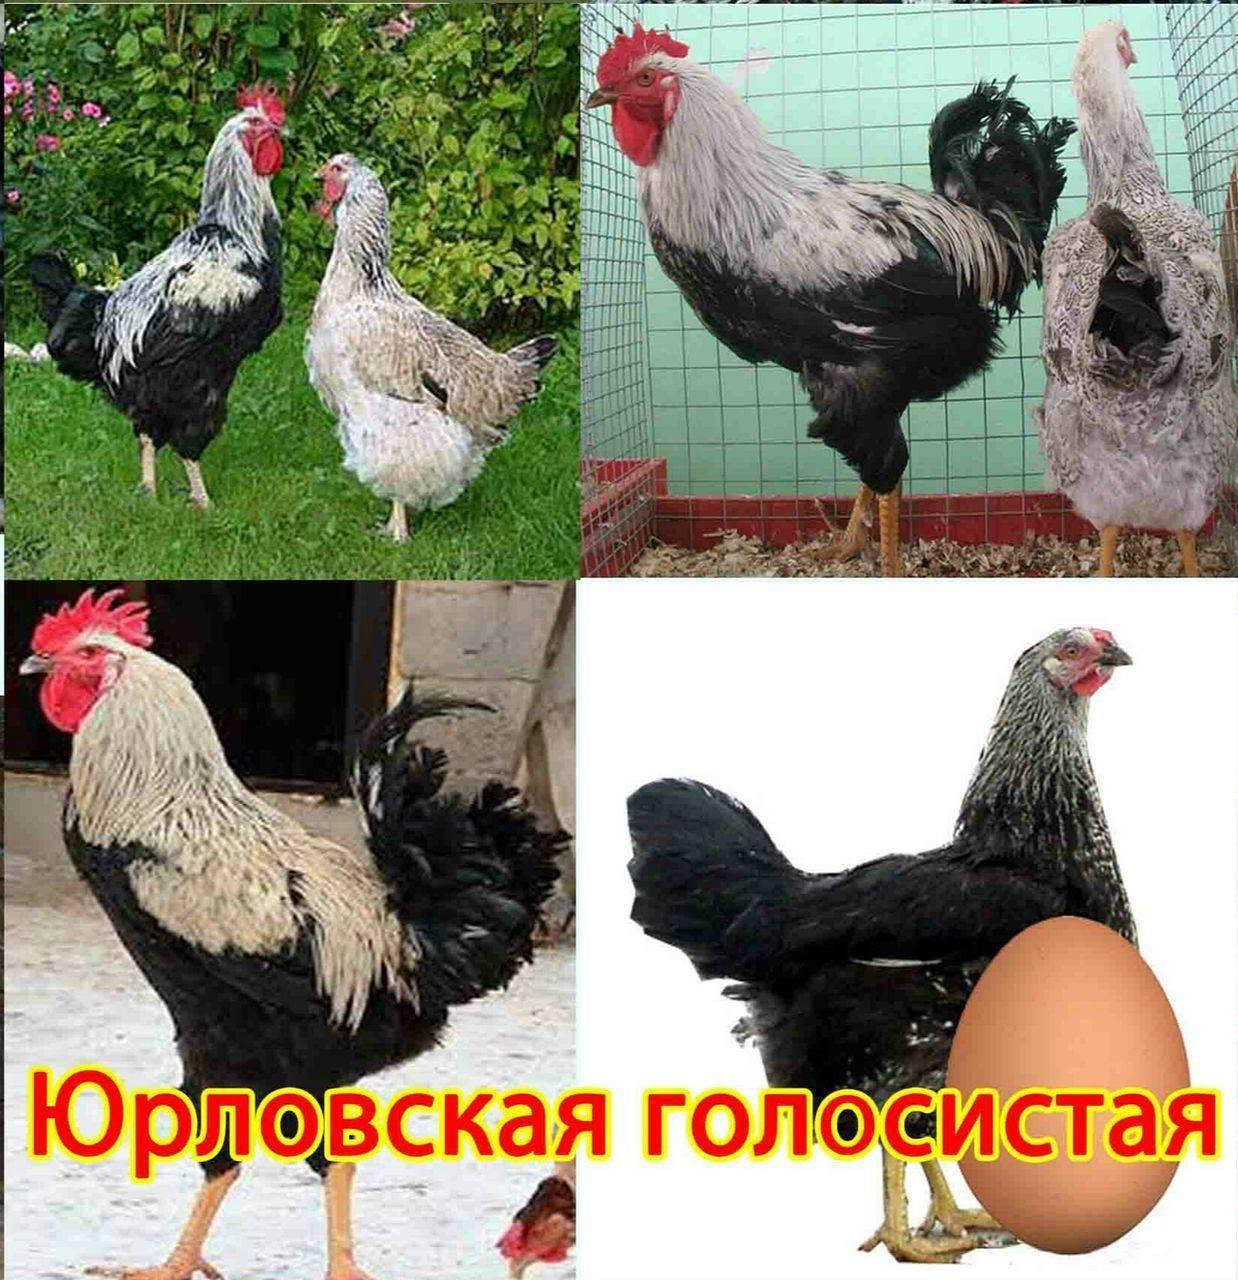 Удивительная порода кур — юрловская голосистая